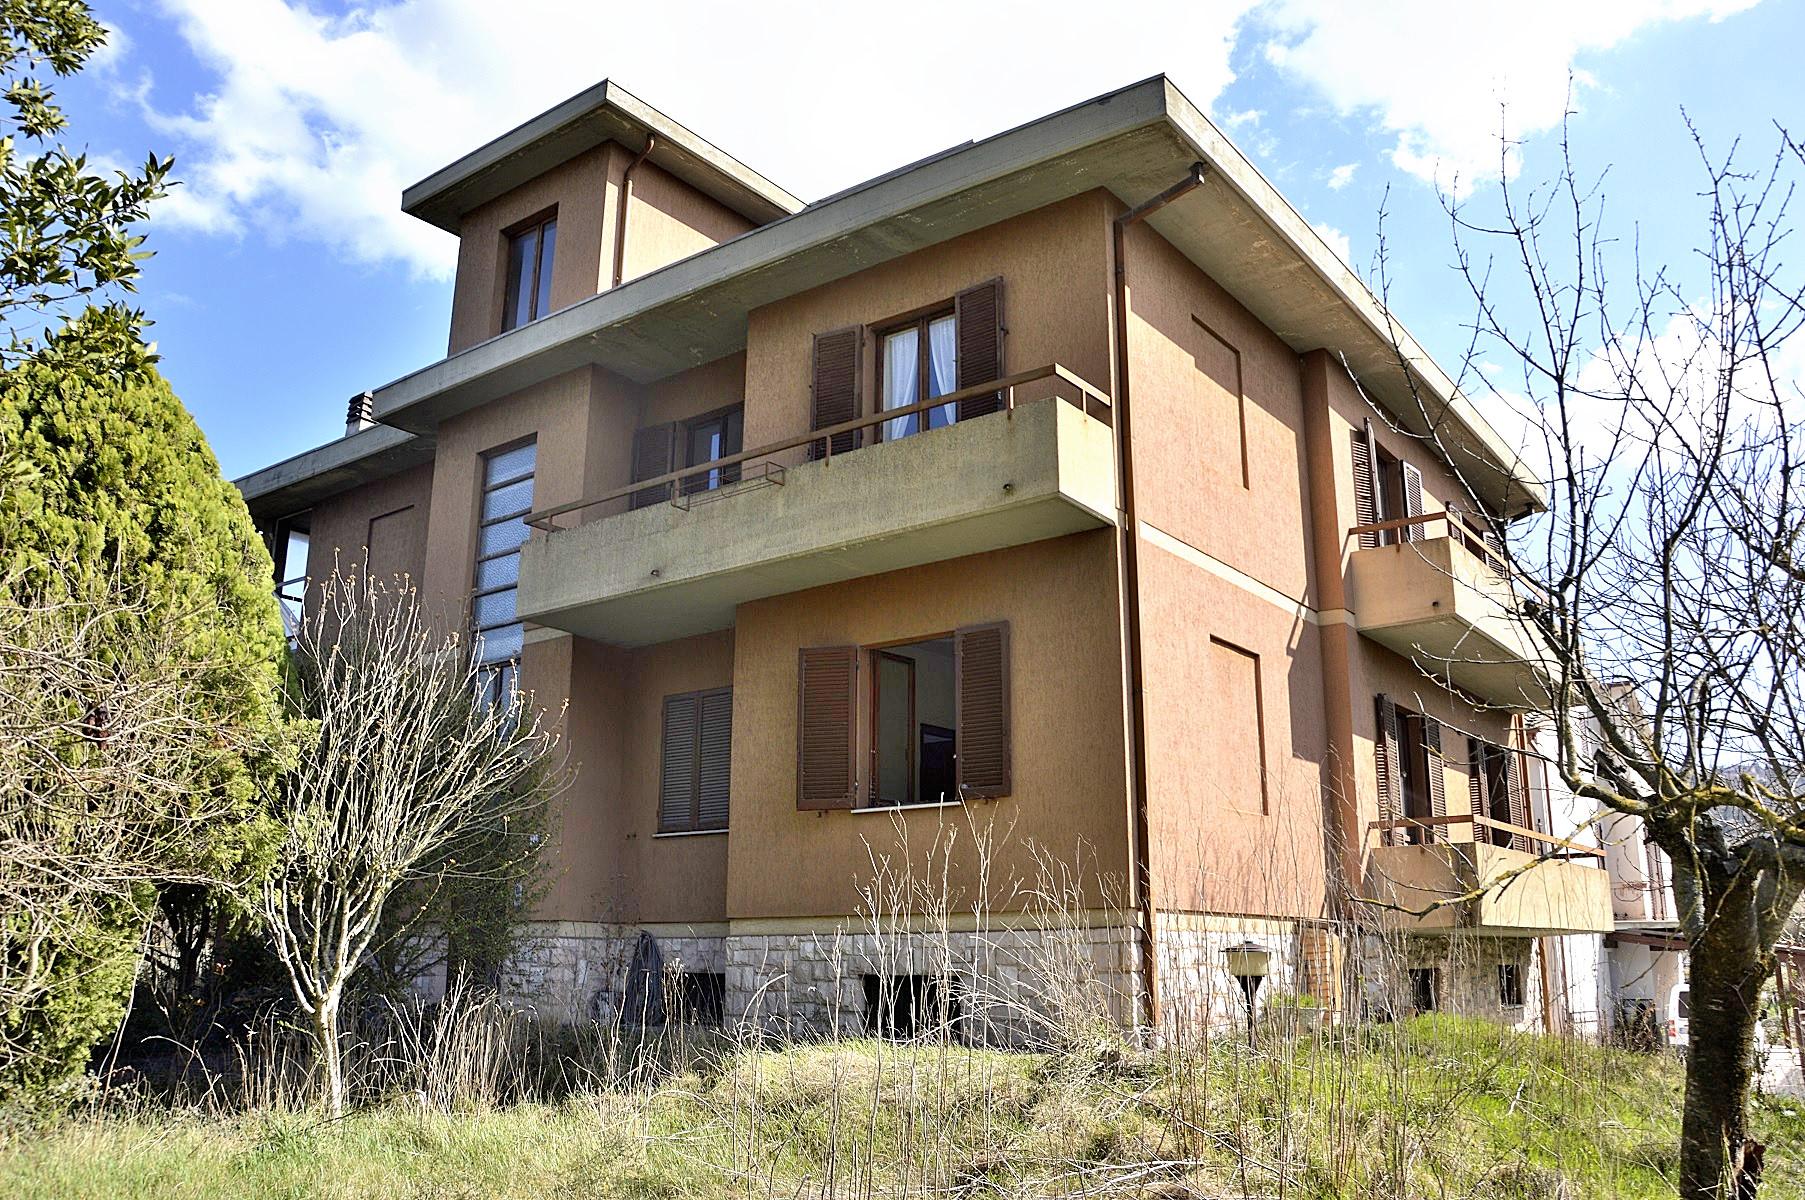 Villa in vendita a Spoleto, 15 locali, prezzo € 295.000 | CambioCasa.it